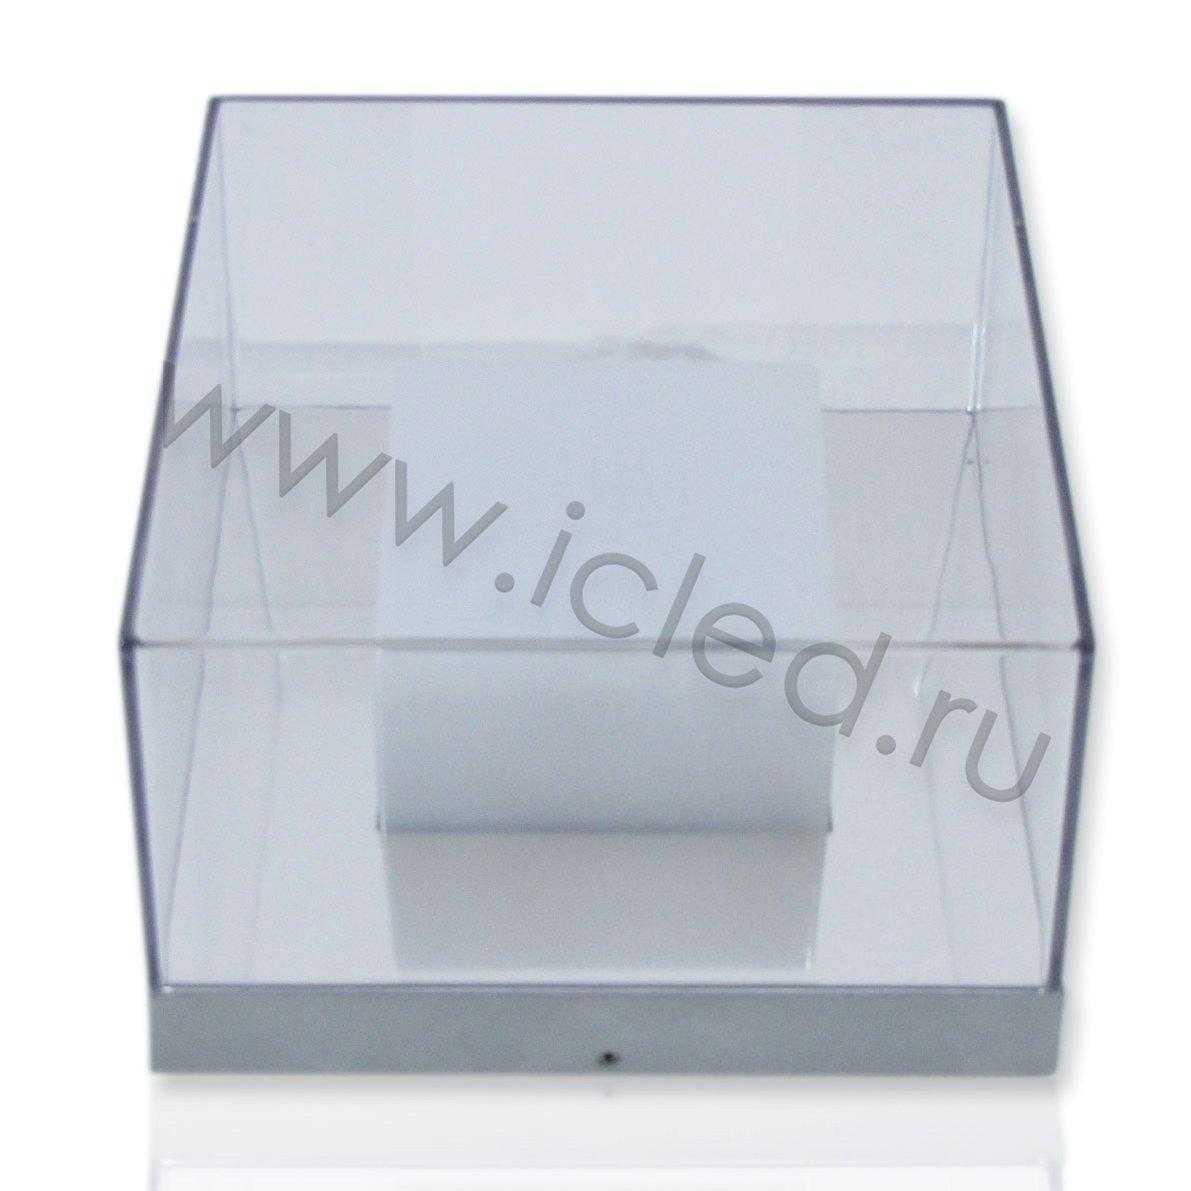 Светодиодный светильник UCR3000L MS, Warm White